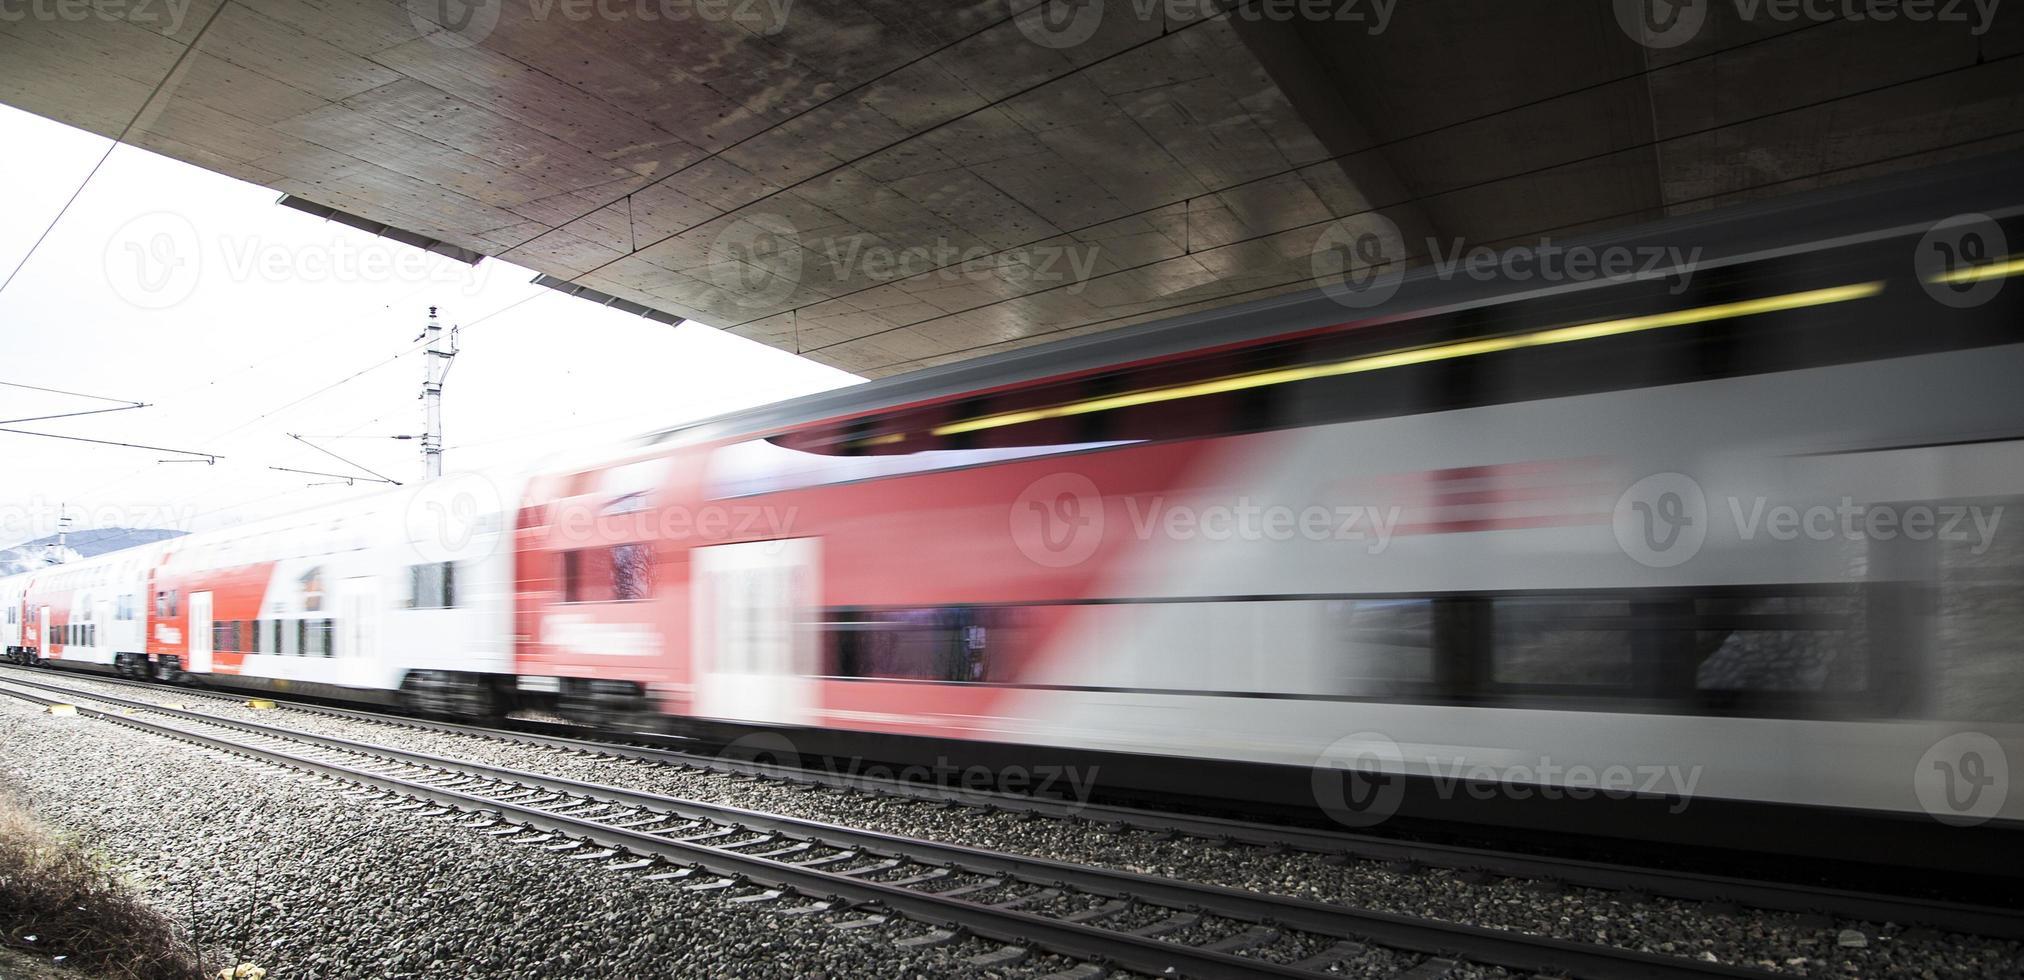 tren rápido pasando por debajo del puente foto